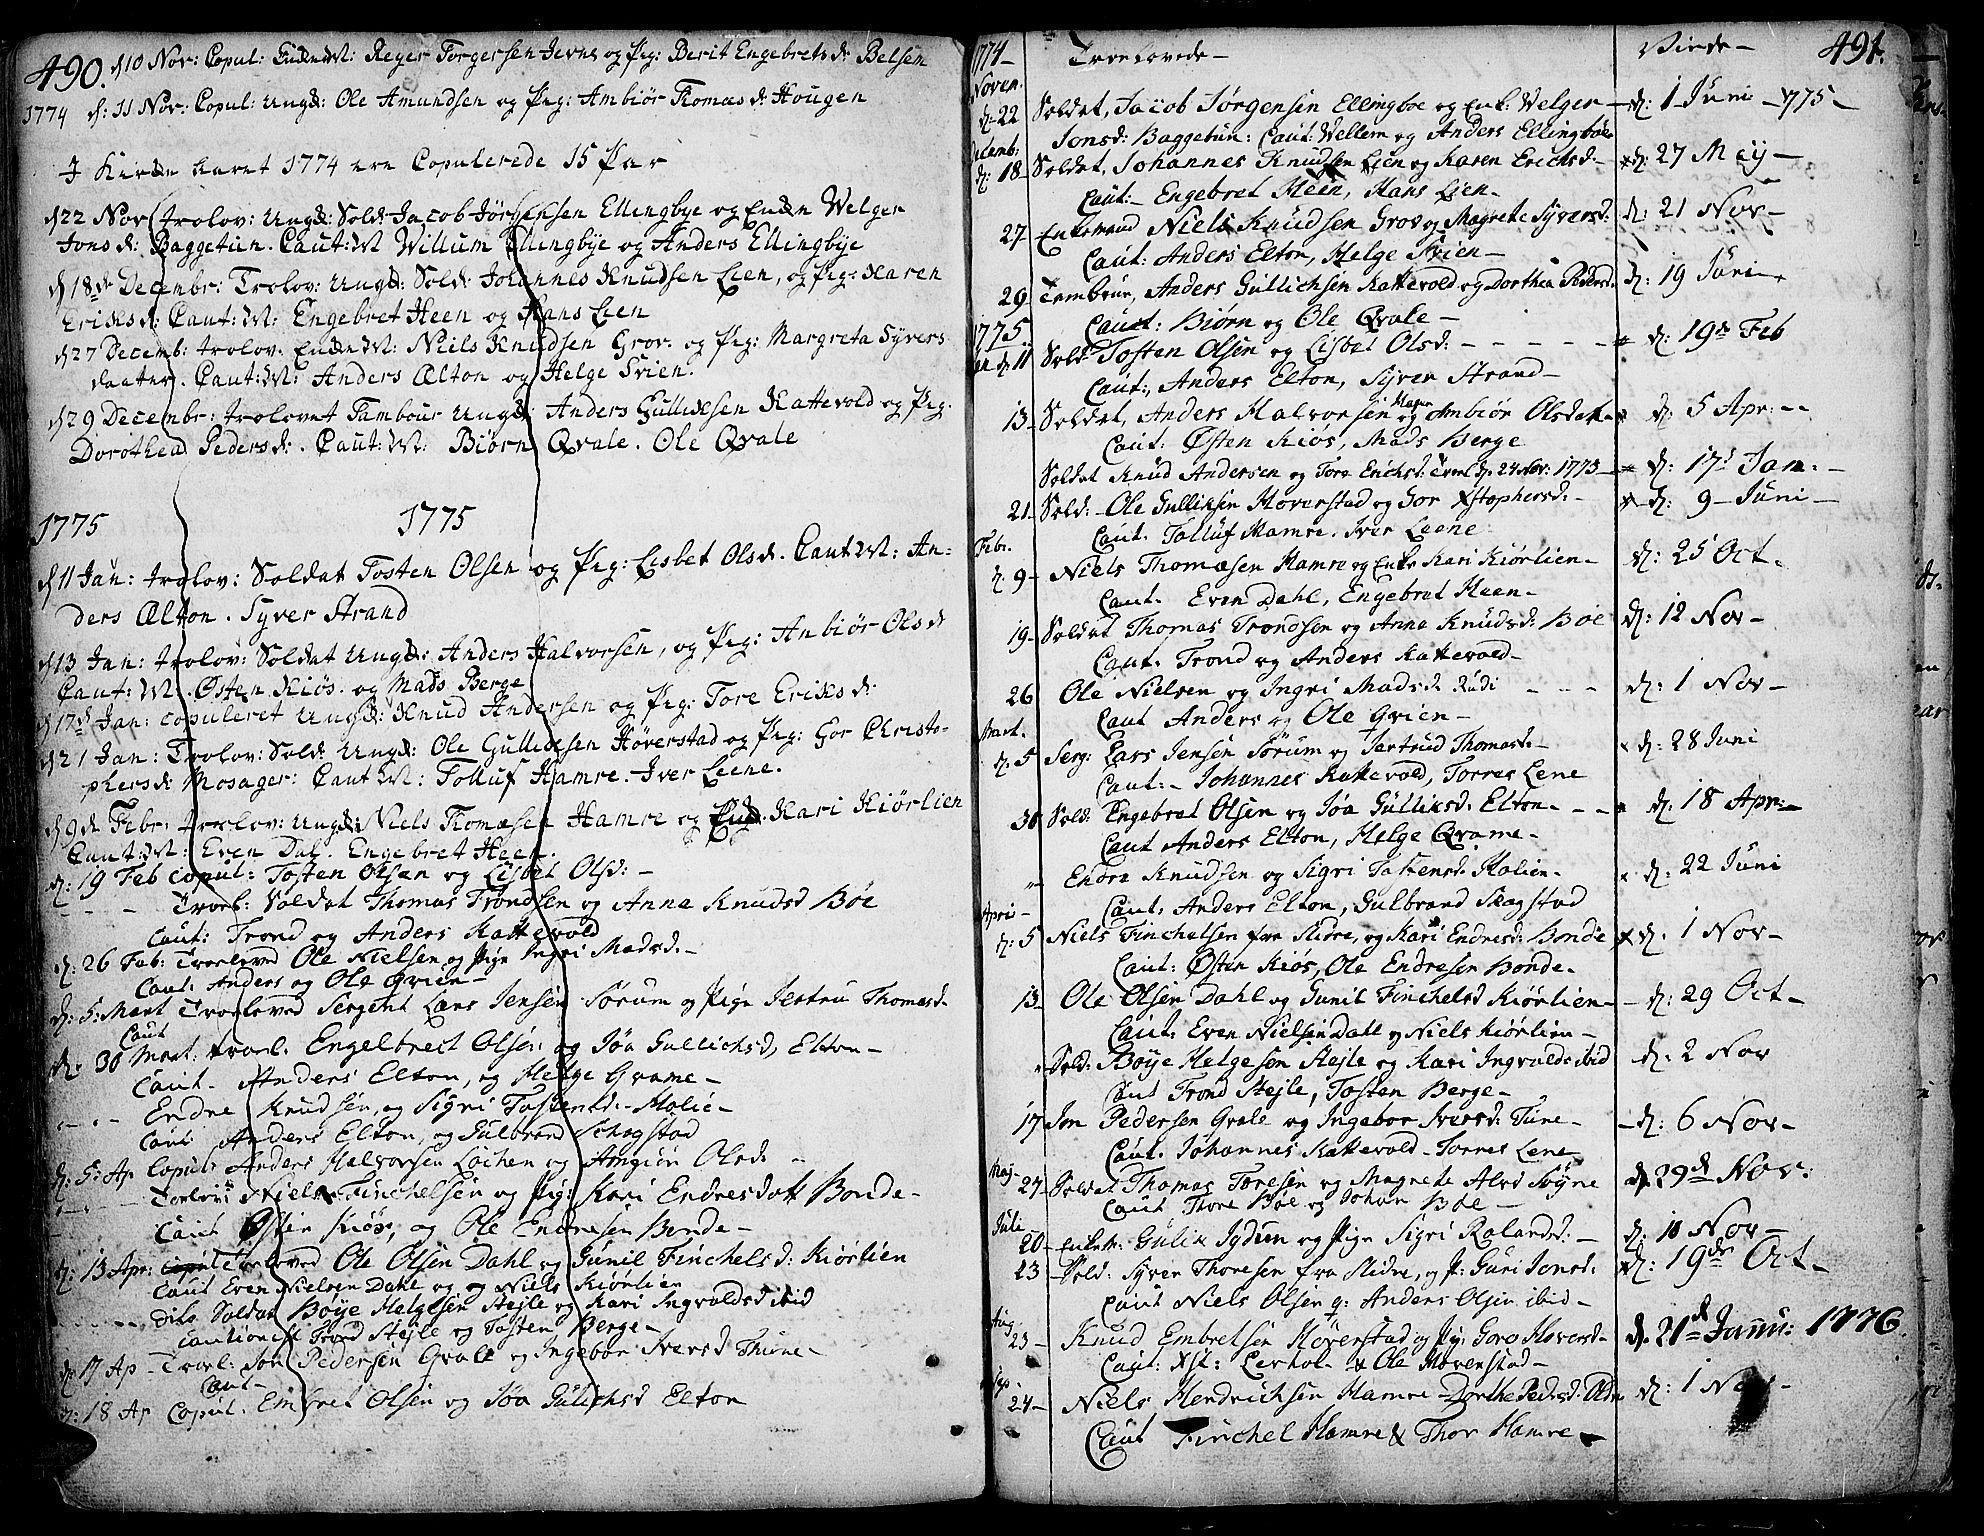 SAH, Vang prestekontor, Valdres, Ministerialbok nr. 1, 1730-1796, s. 490-491